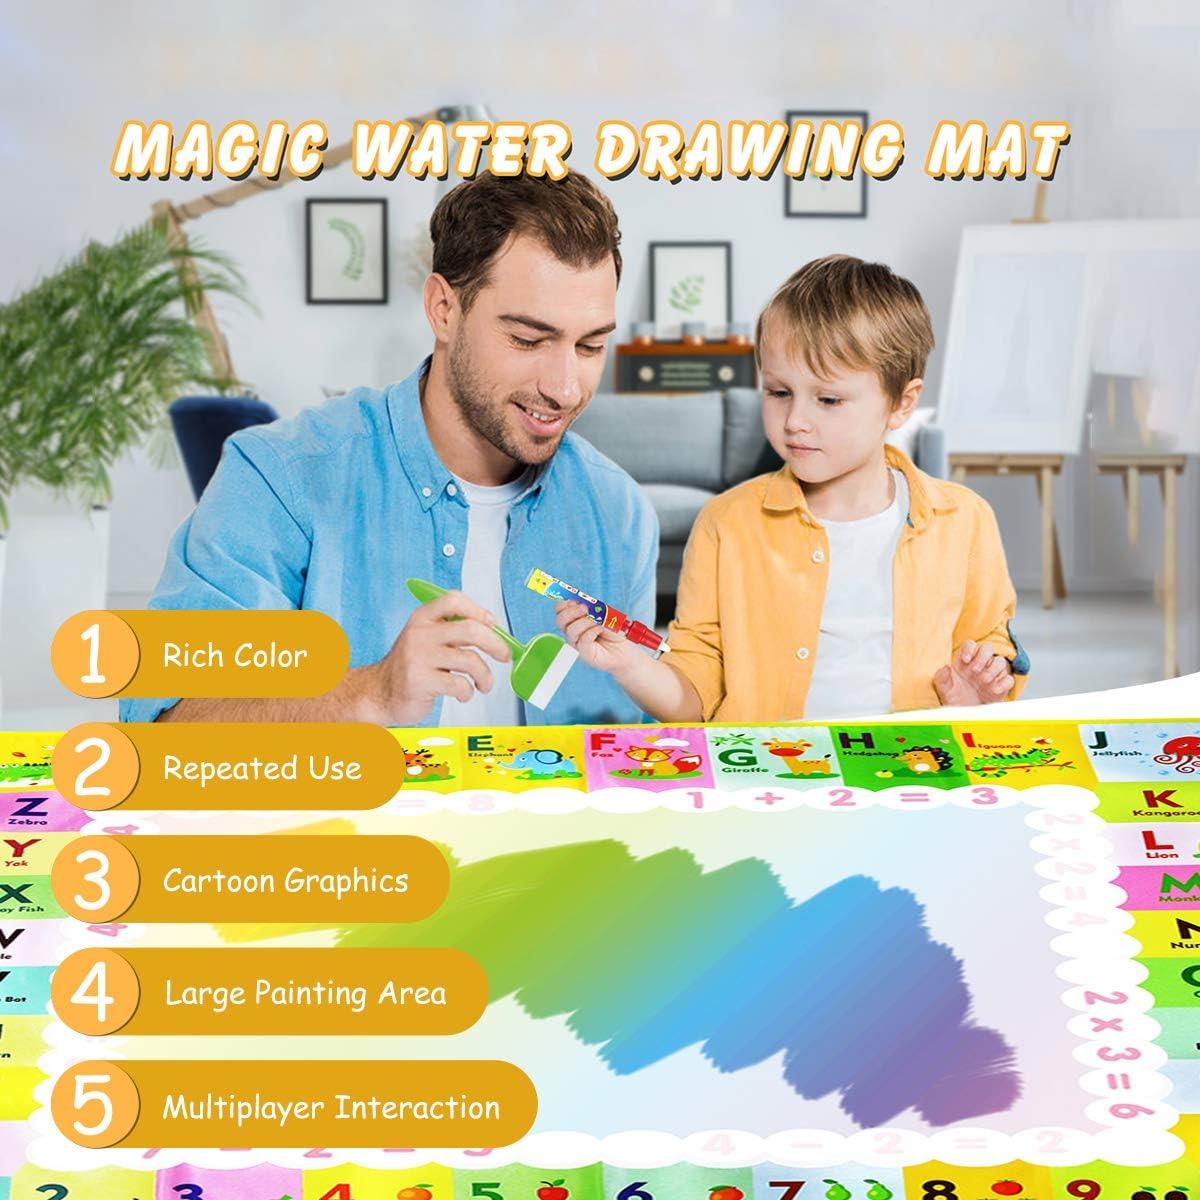 FancyWhoop Tapis Aquadoodle Super Grande 120 x 90cm R/éutilisable Tapis Dessin Eau Magique Color/é Tapis Doodle Peinture Mats avec Divers Accessoires